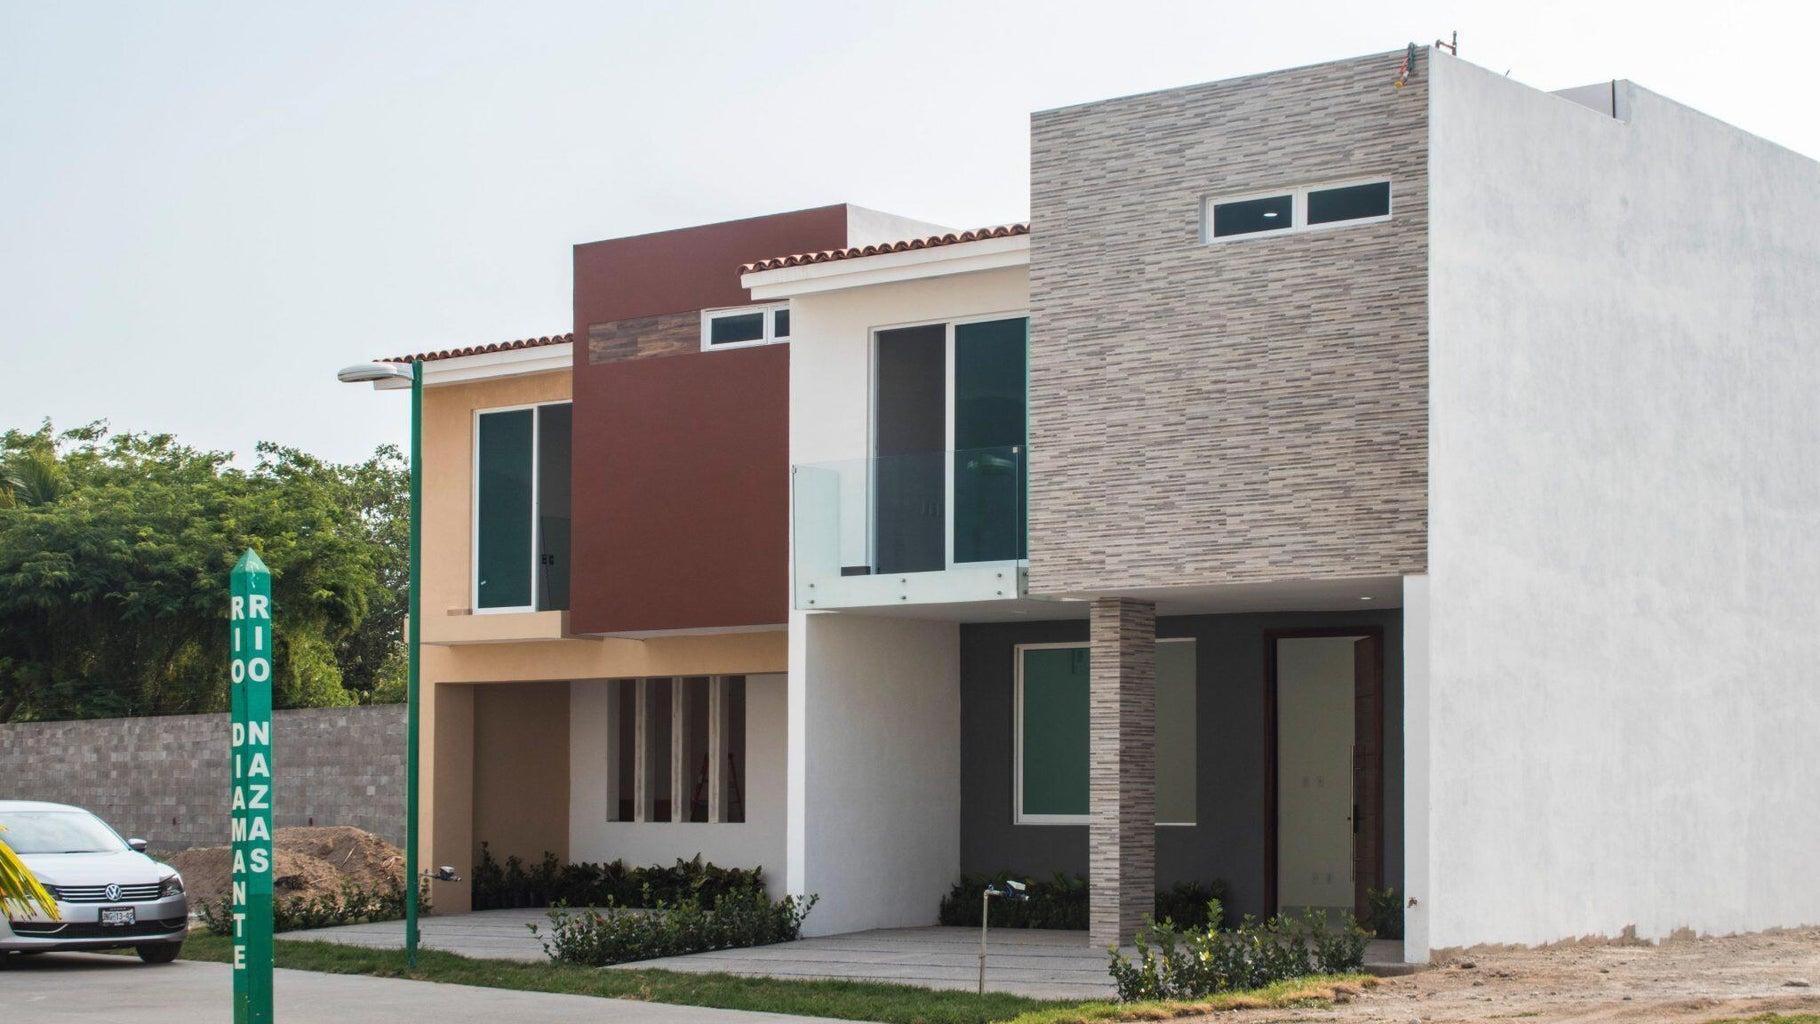 Casa-Entre-Rios001-2048x1152